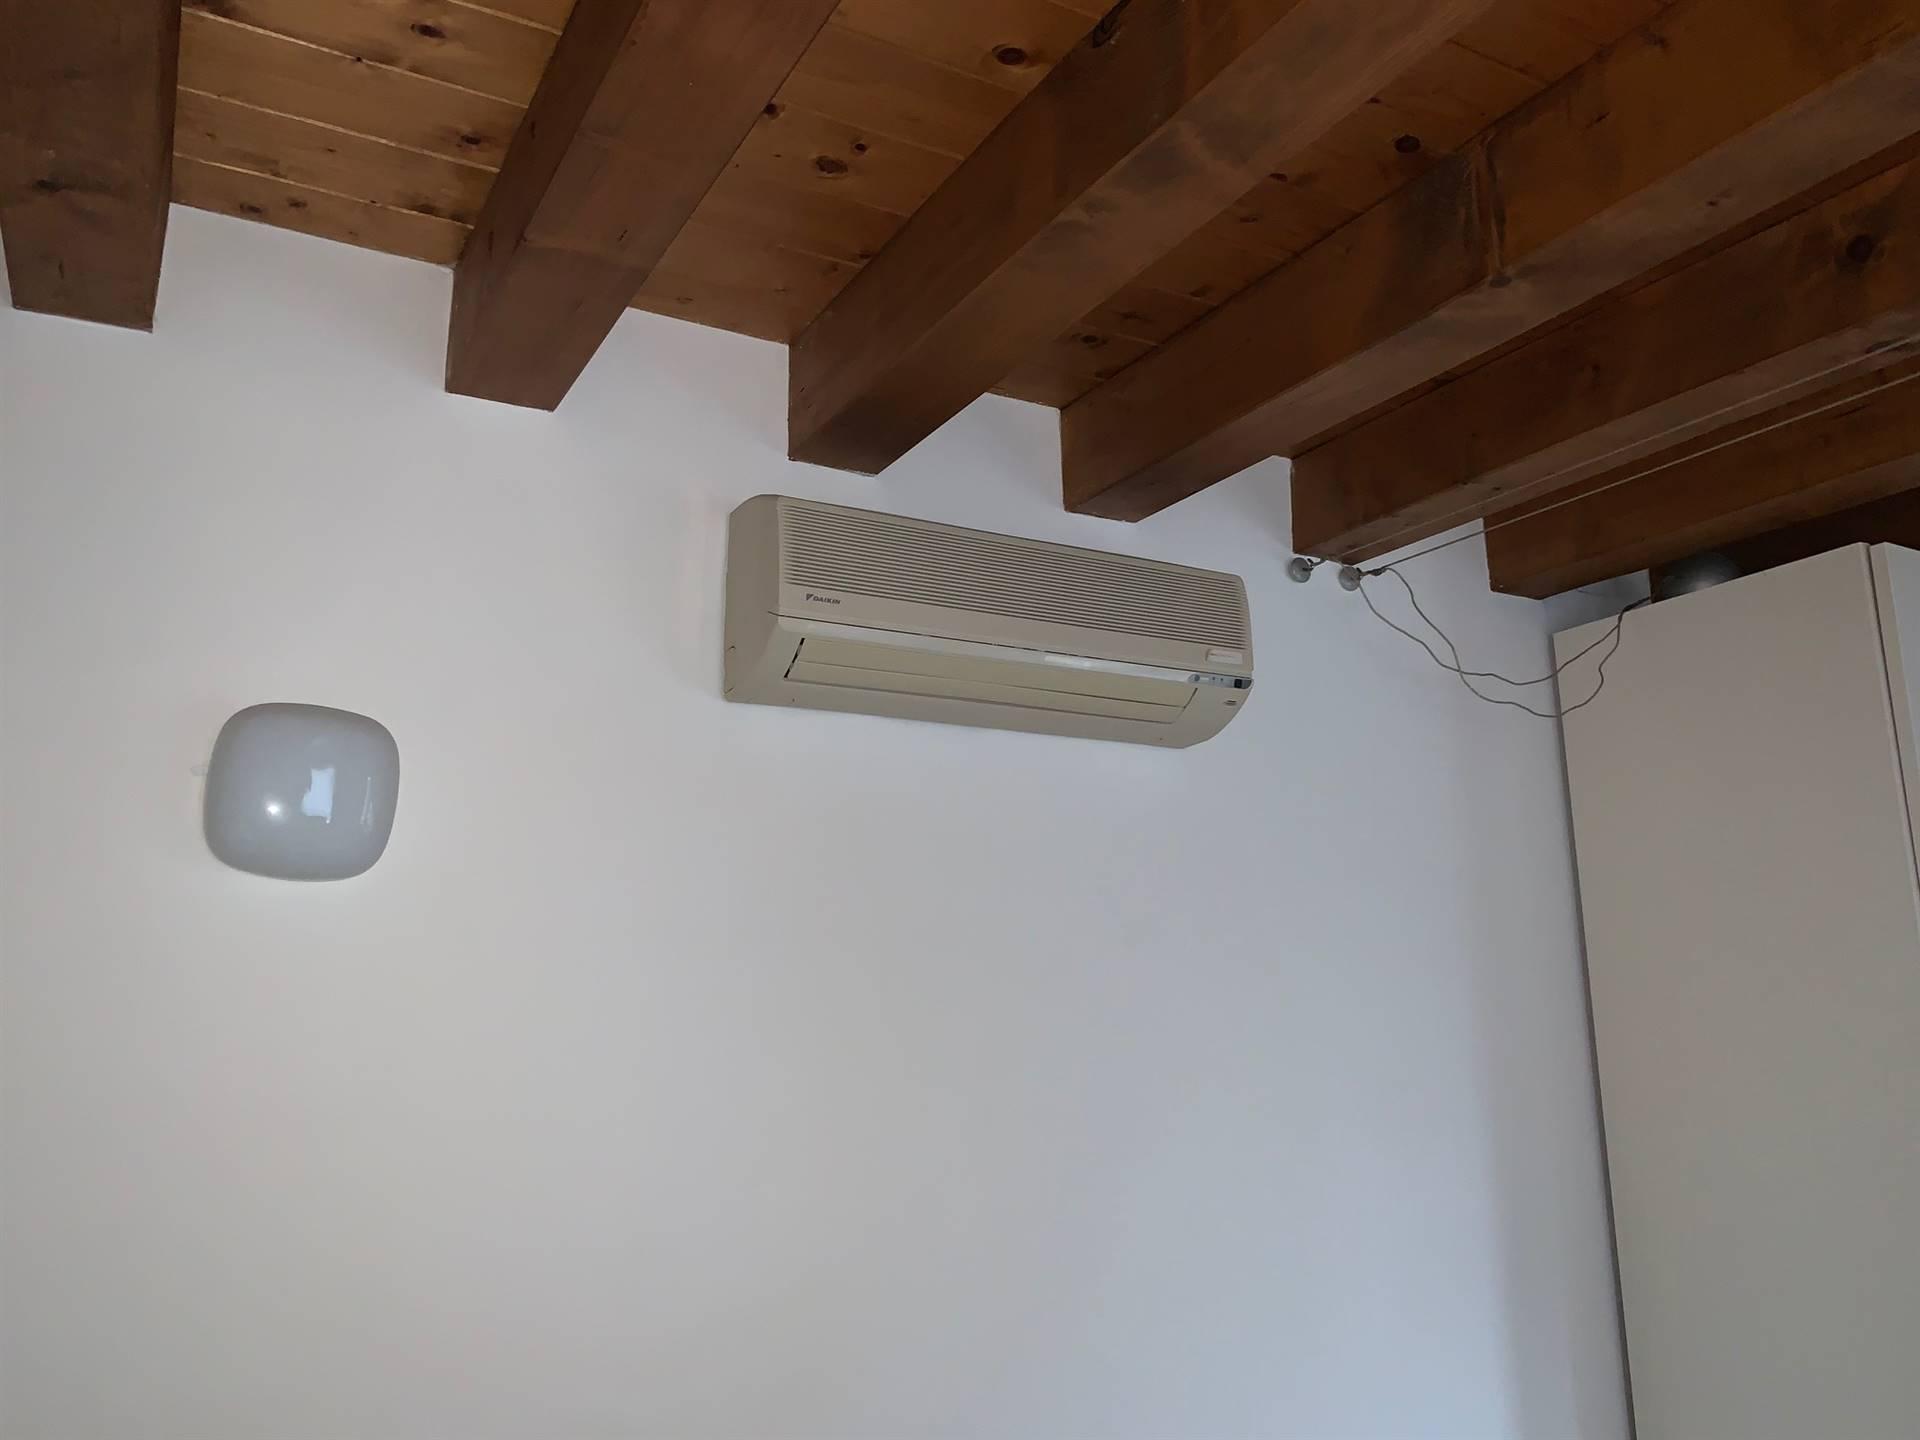 aria condizionata appartamento Mestre centro